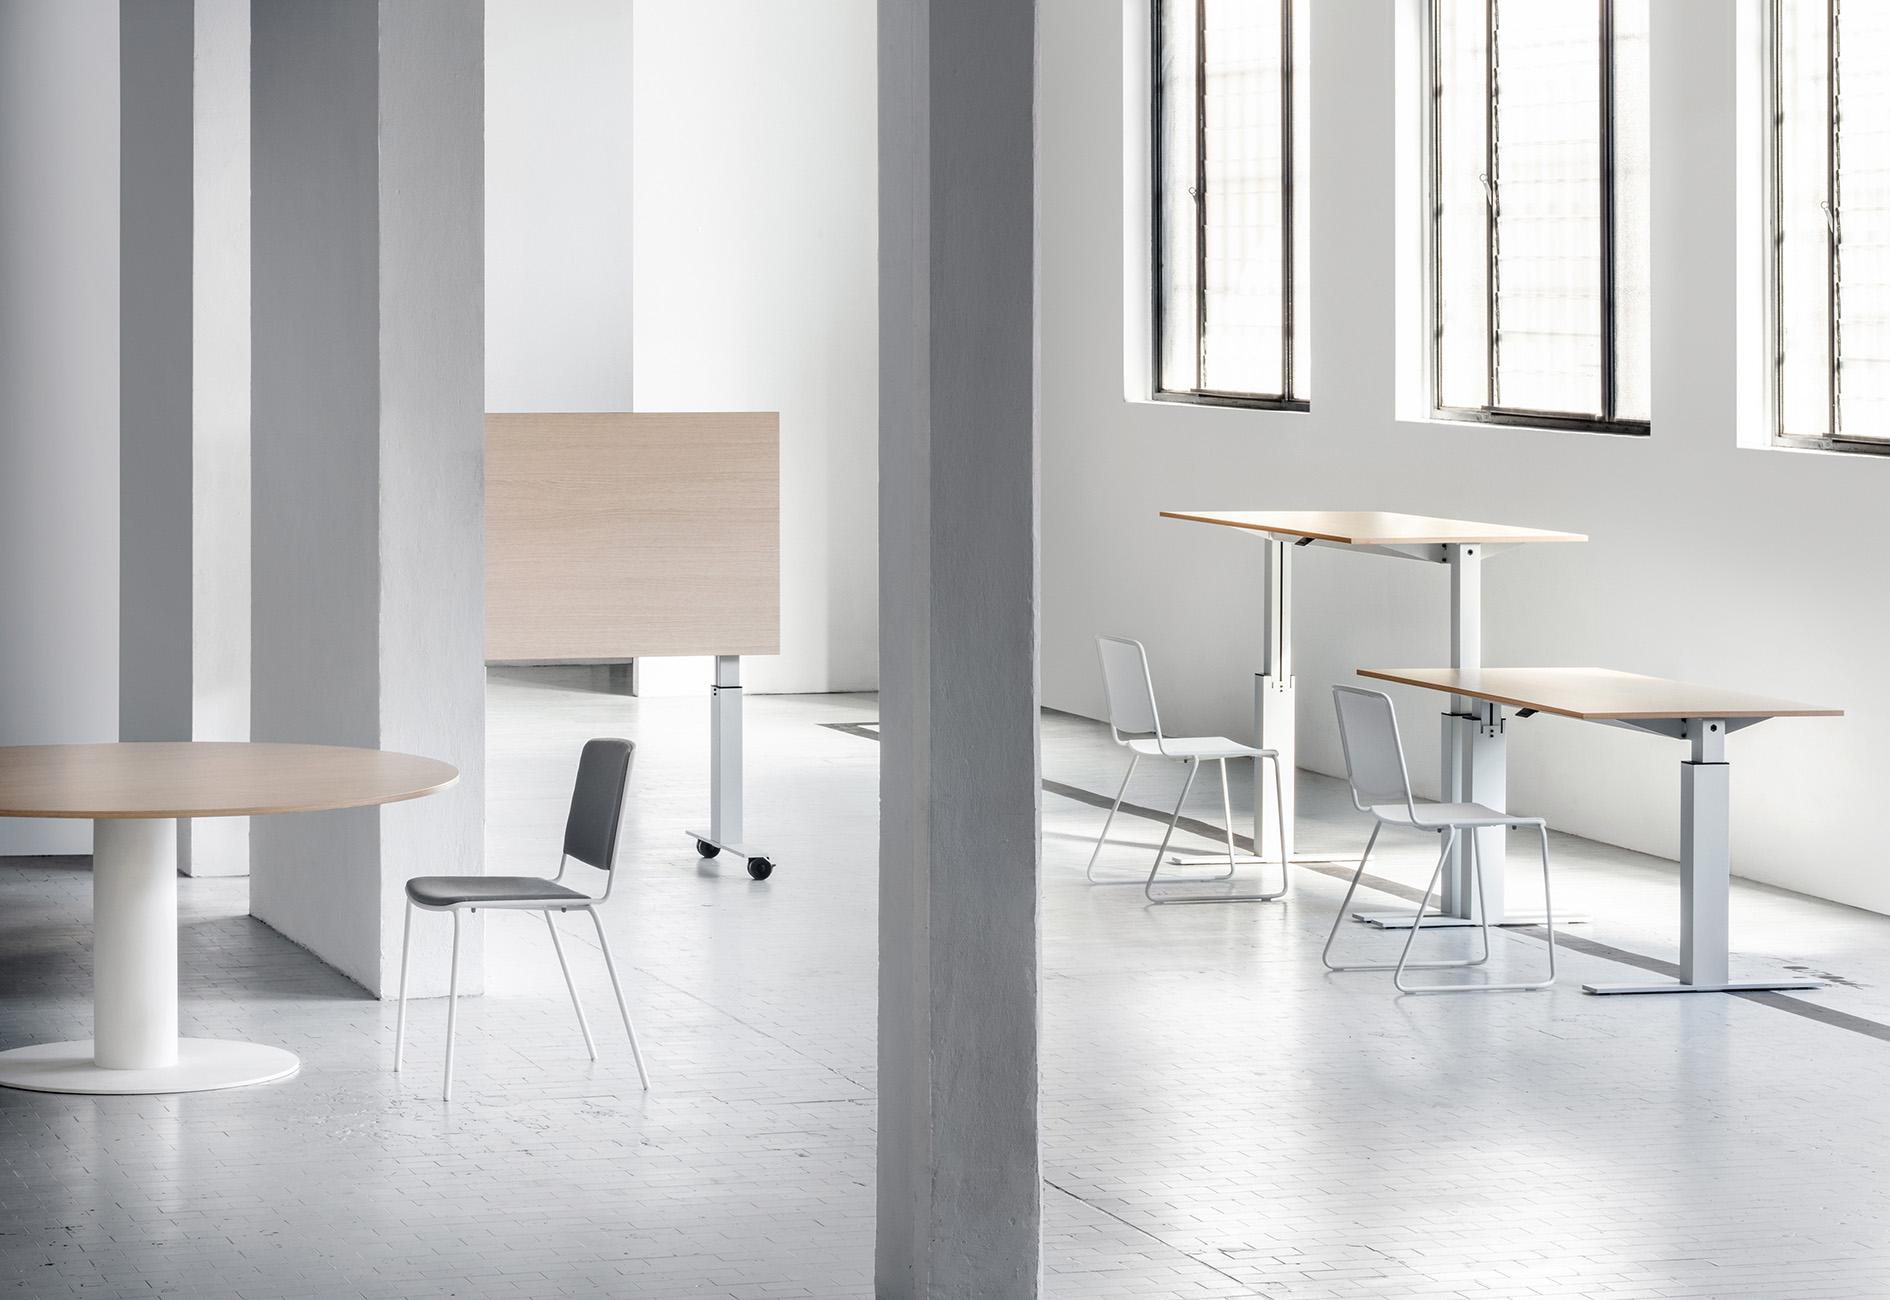 Mara Follow augstumā regulējams darba galds, apspriežu galds un galds ar nolokāmu virsmu